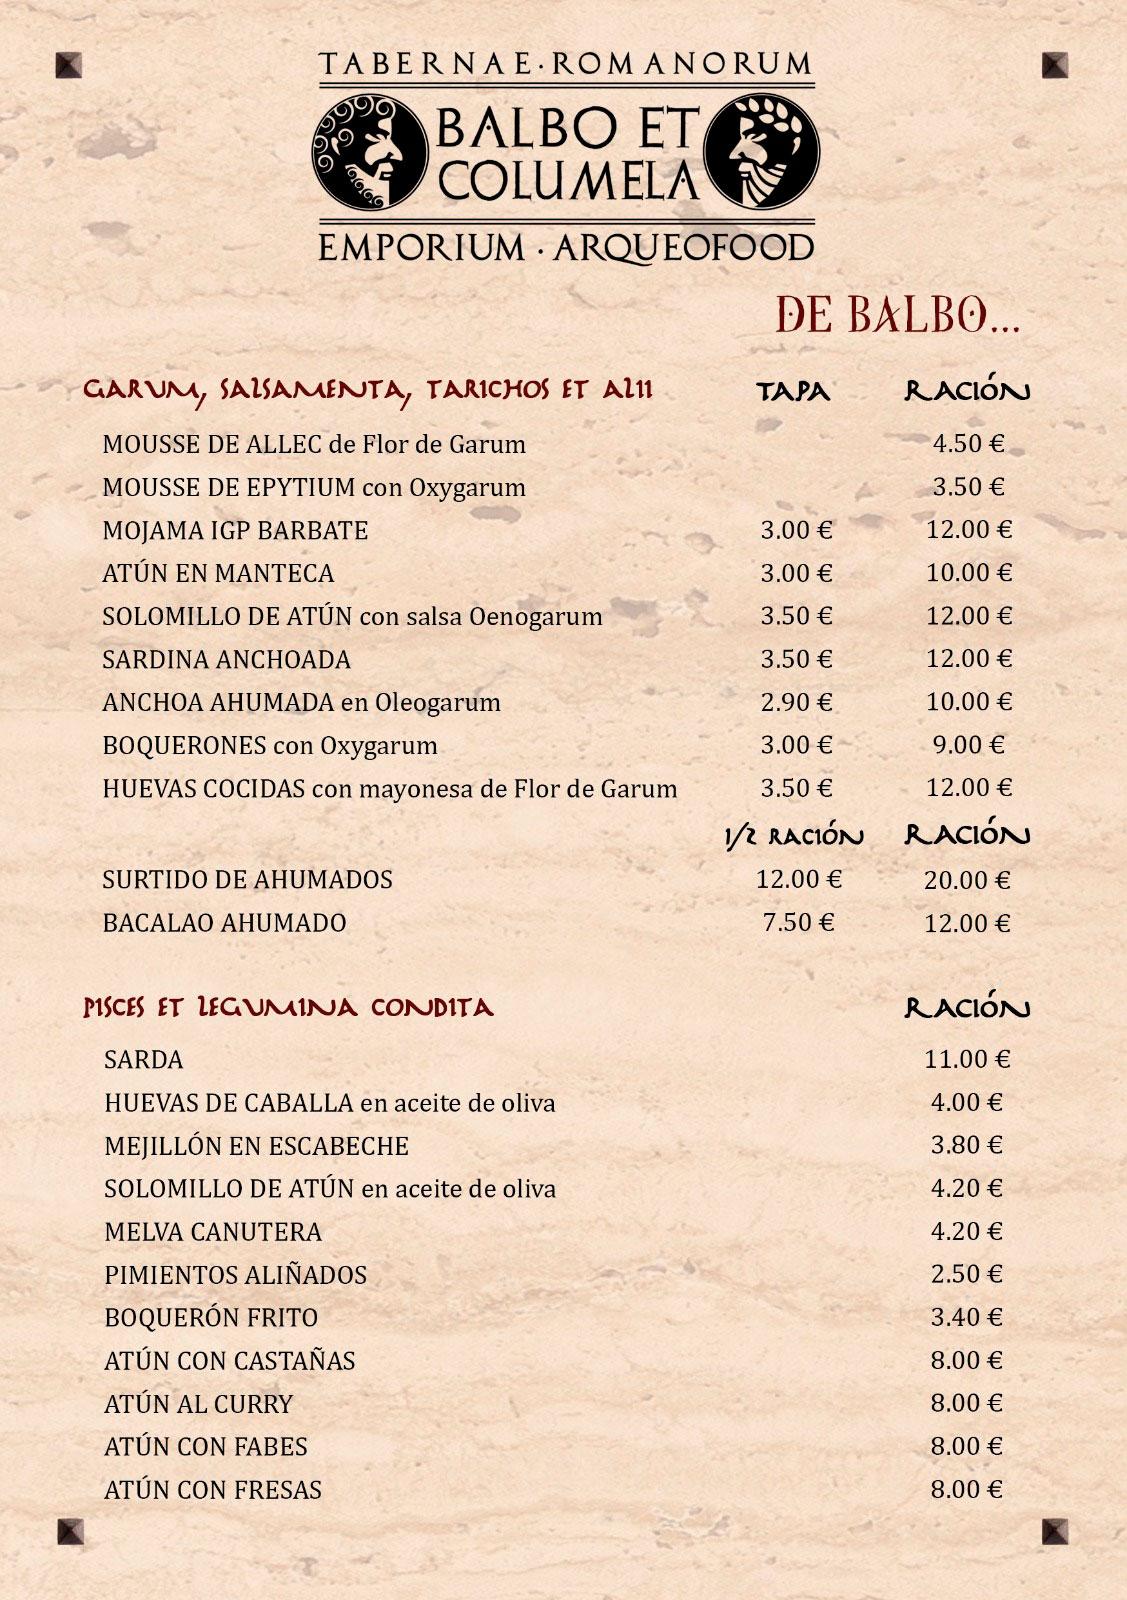 Balbo et Columela Carta Taberna 01 Arqueogastronomía